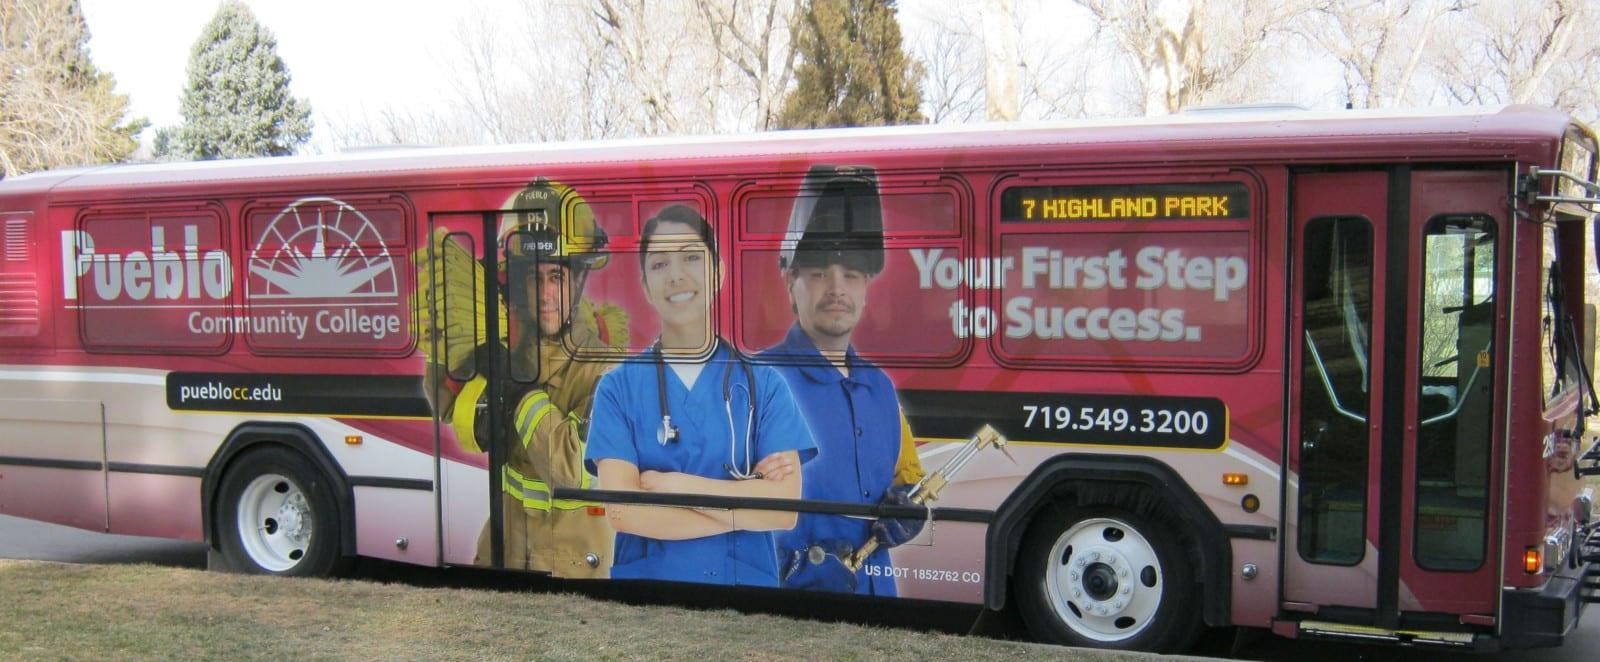 Pueblo Transit Colorado Bus Advertising